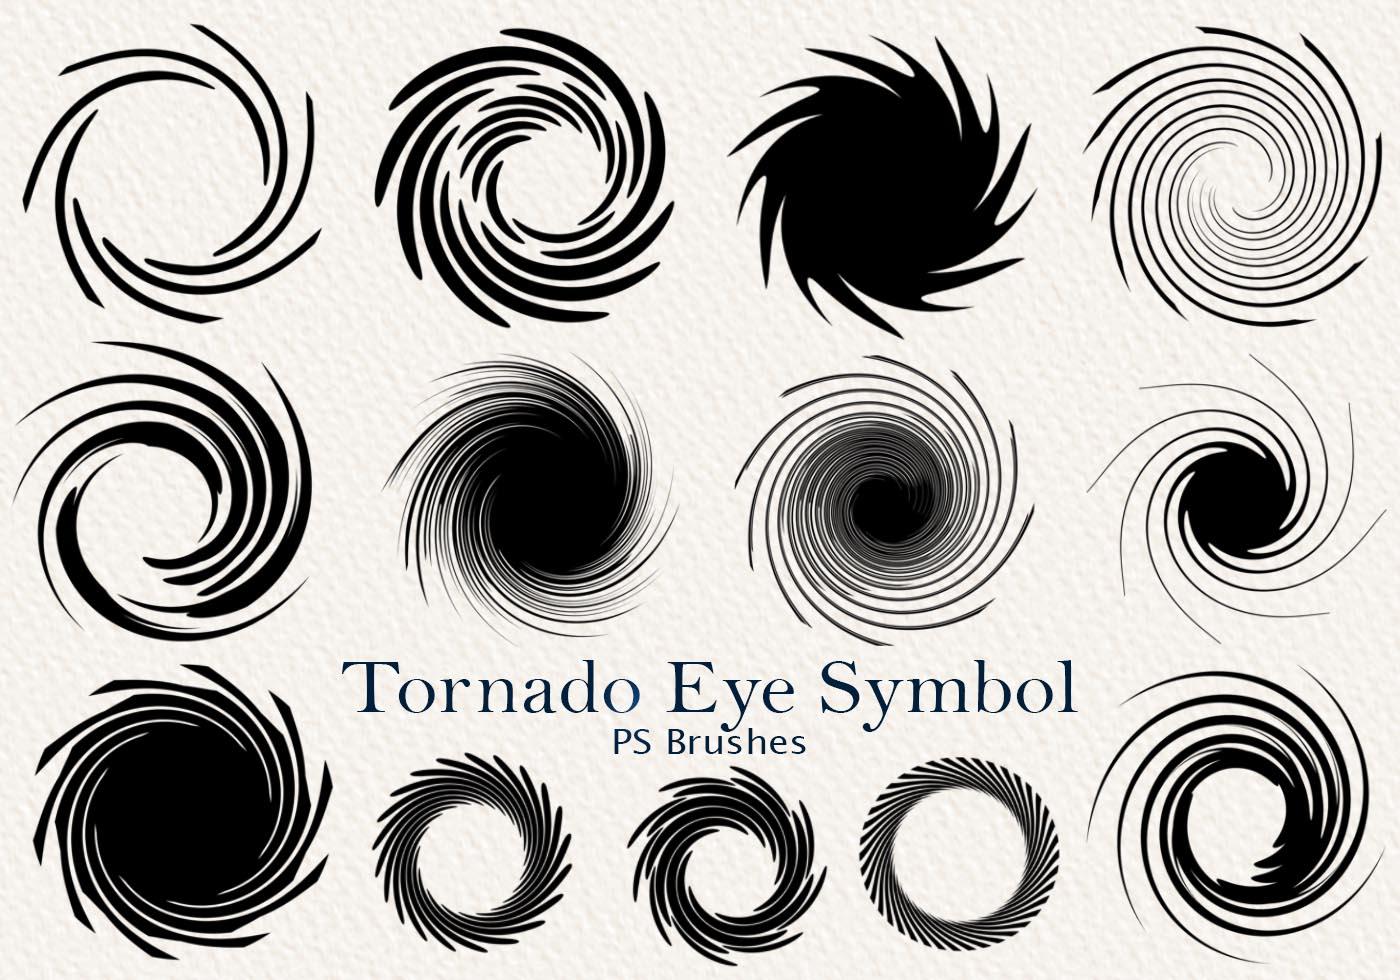 20 Tornado Symbol Ps Brushes Abr Vol 2